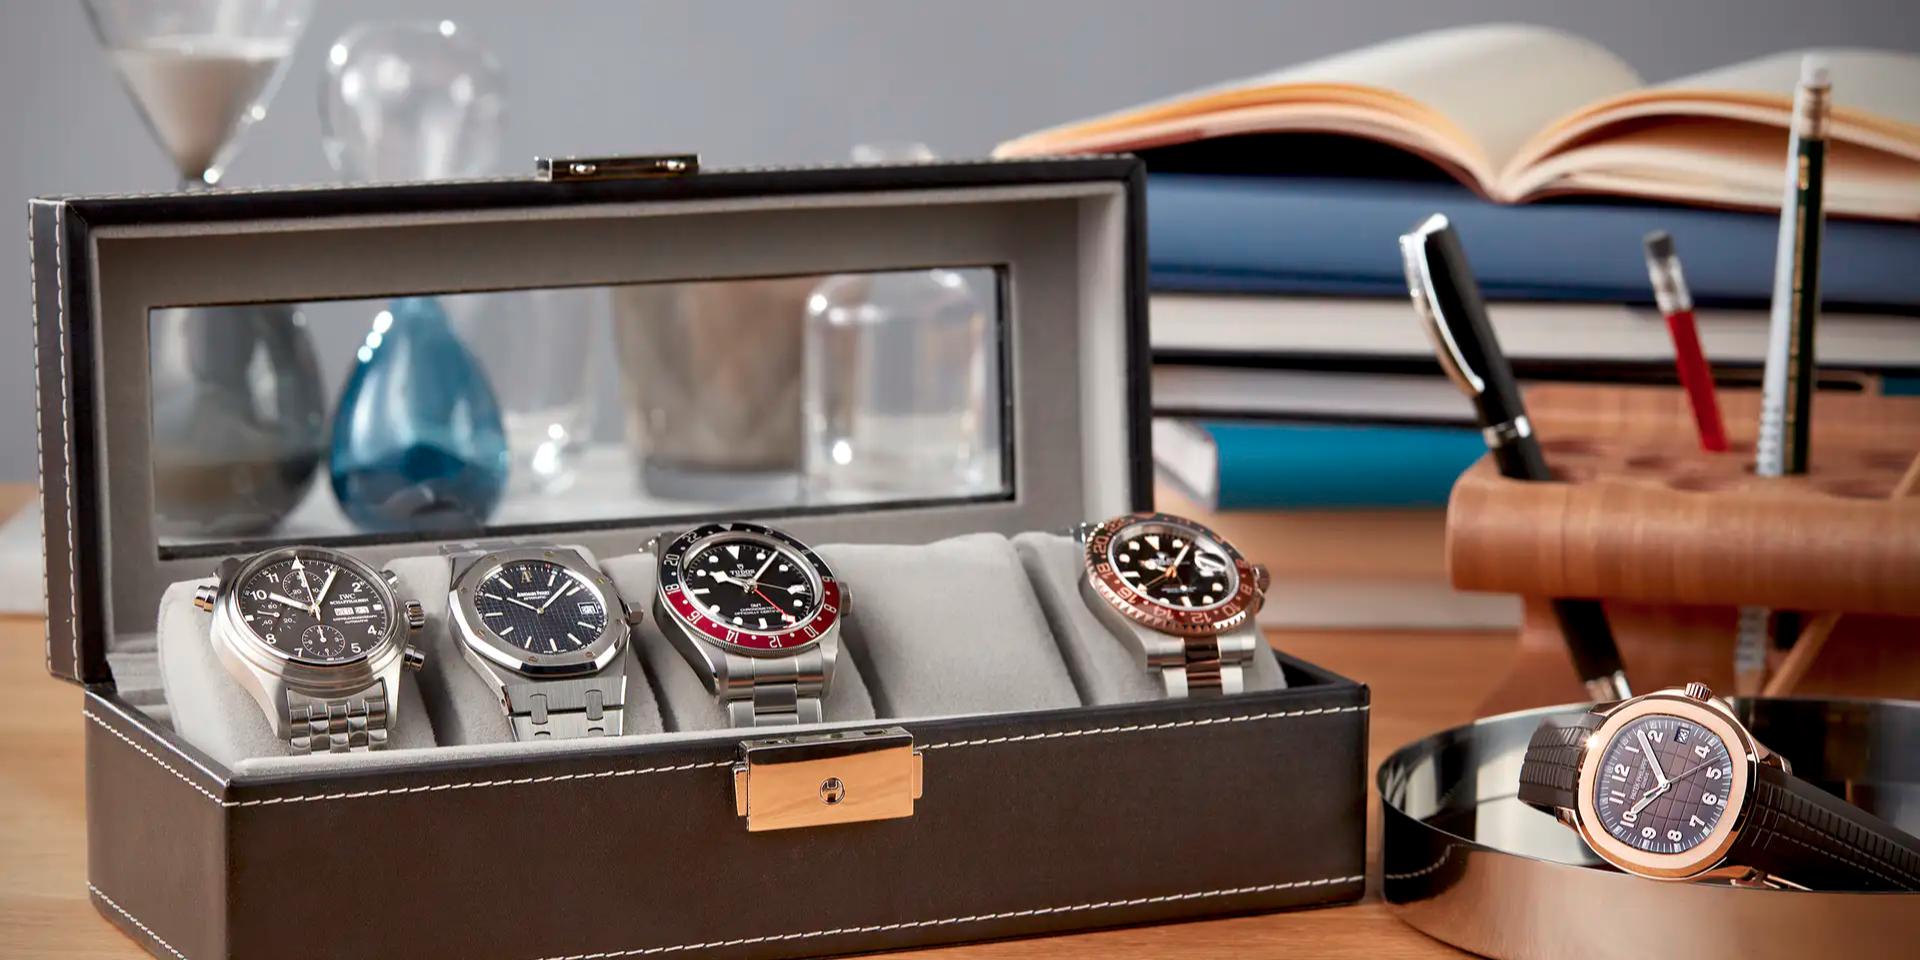 Profitipps für Uhrensammler: So bauen Sie Ihre Kollektion auf